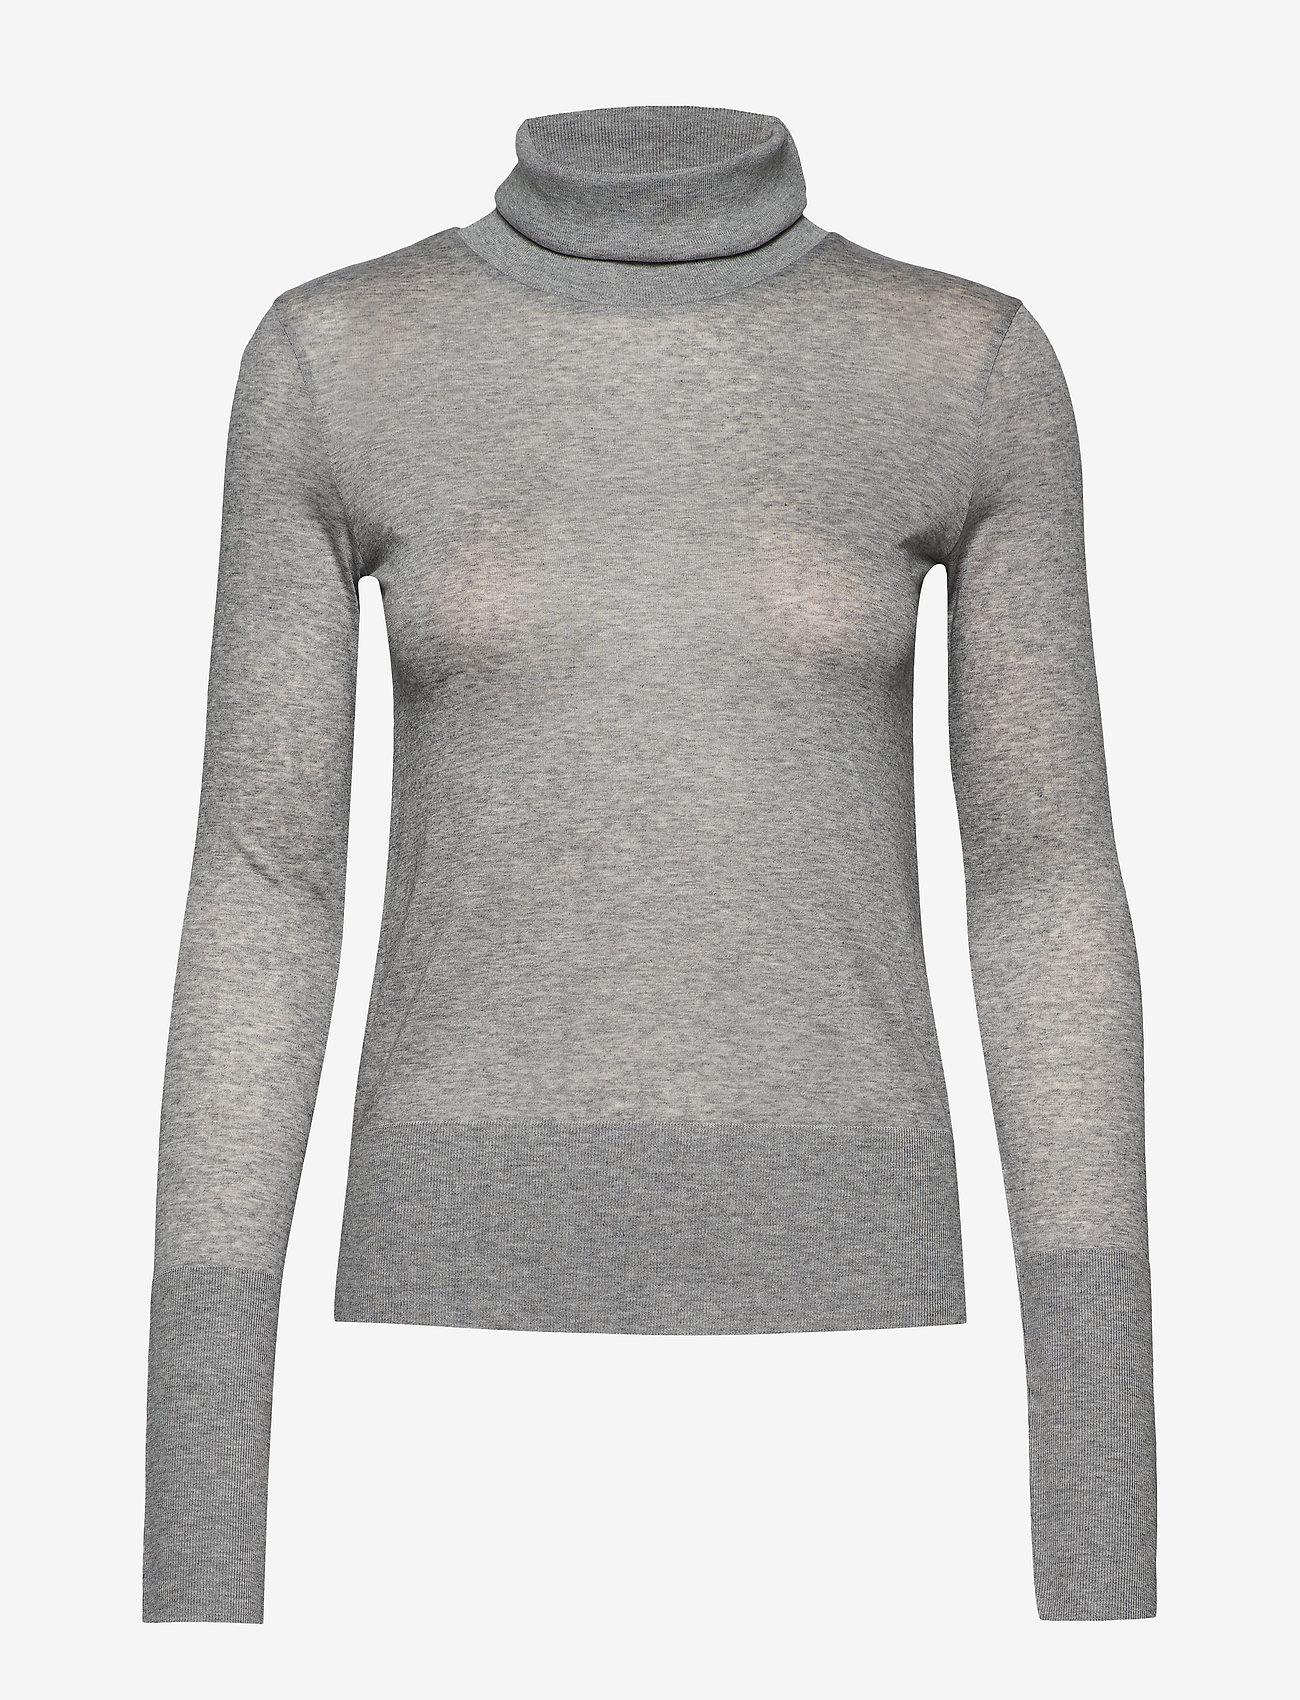 Totême - MELA - turtlenecks - grey melange 350 - 0